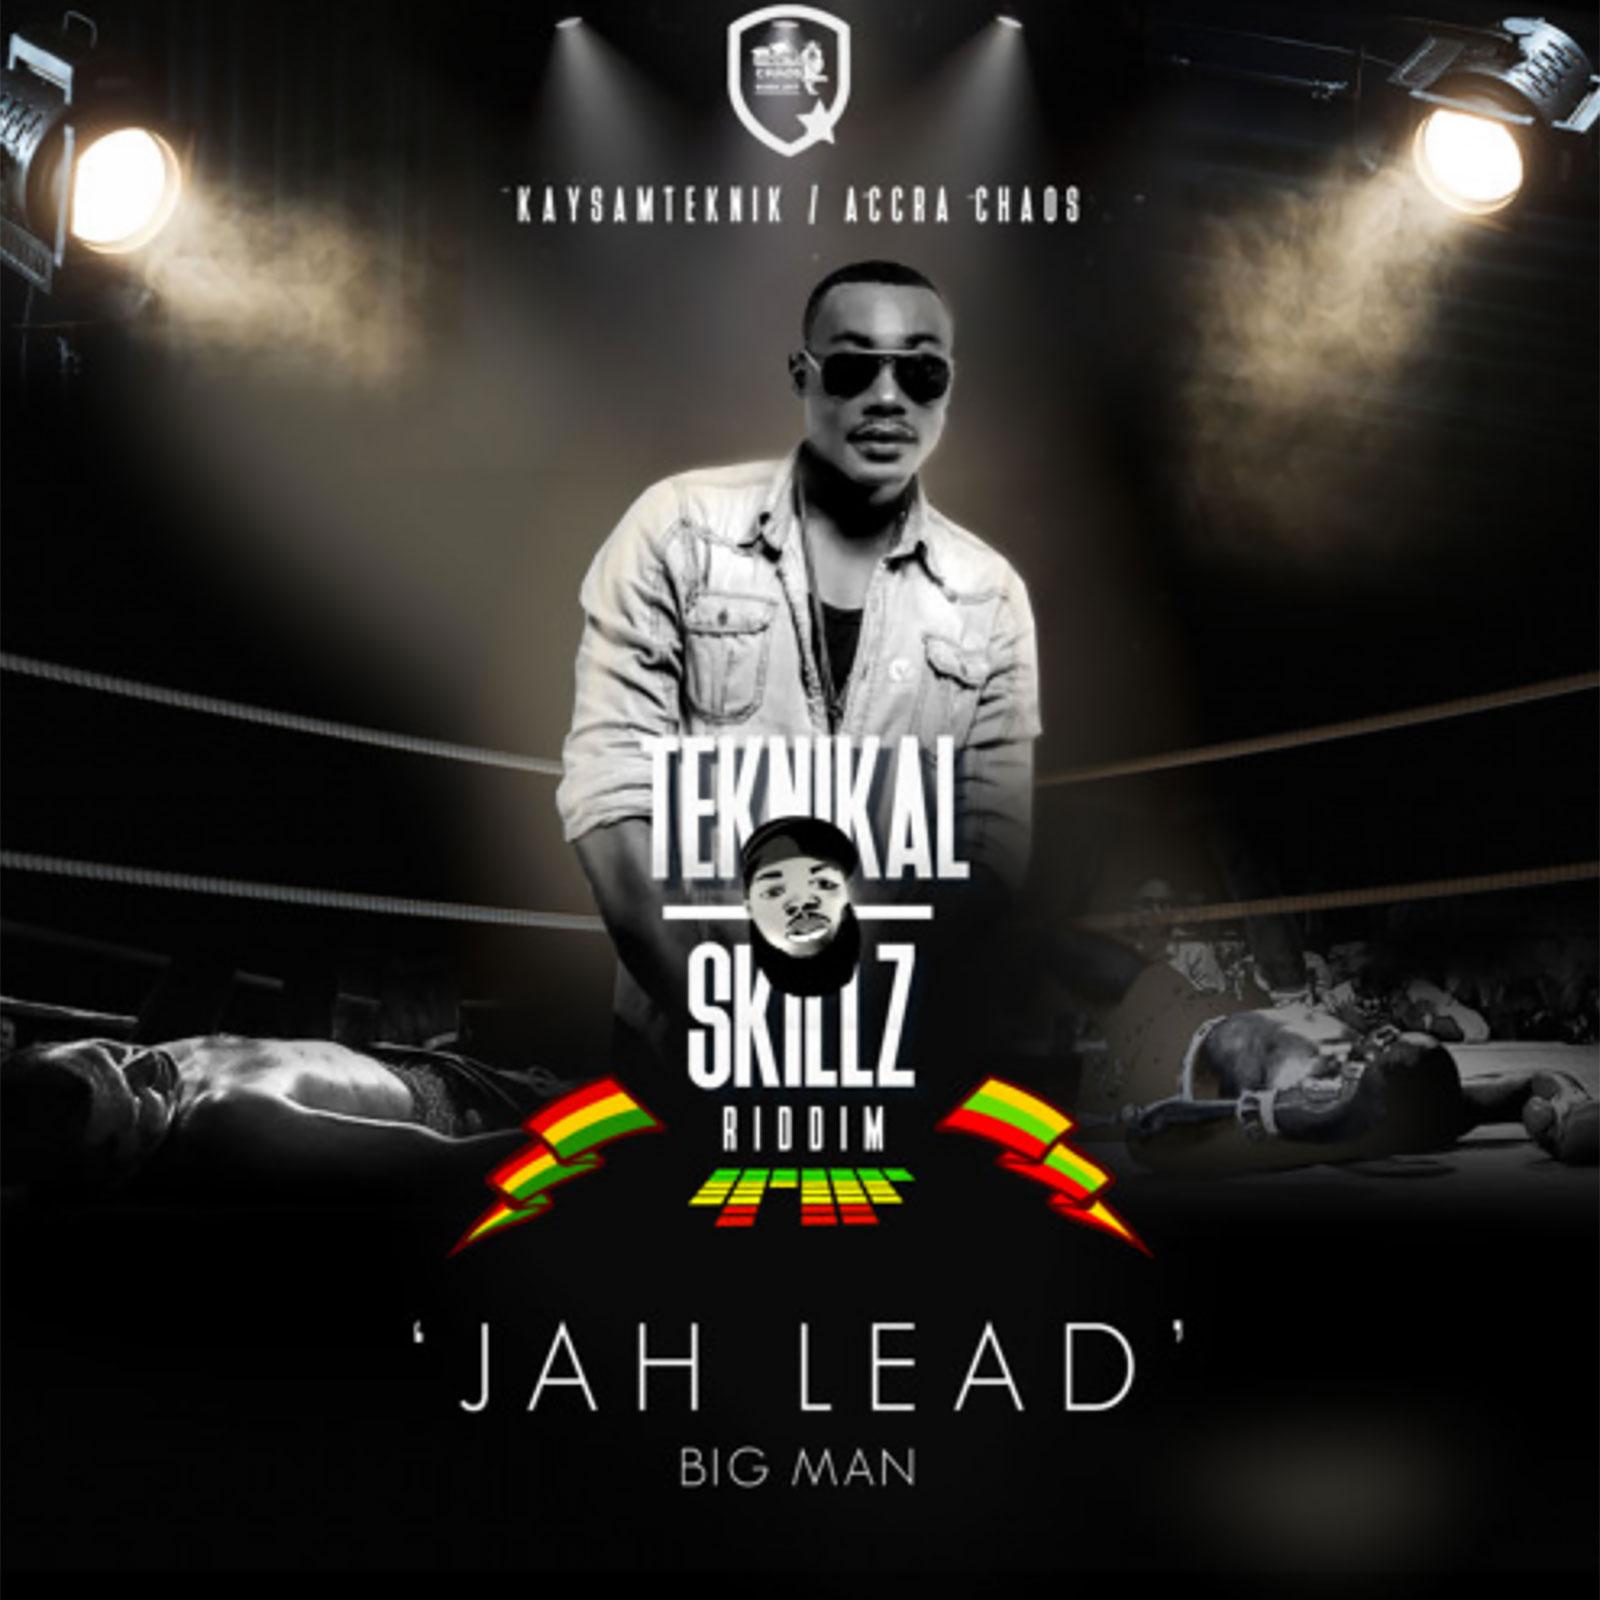 Big Man (Teknikal Skillz Riddim) by Jah Lead